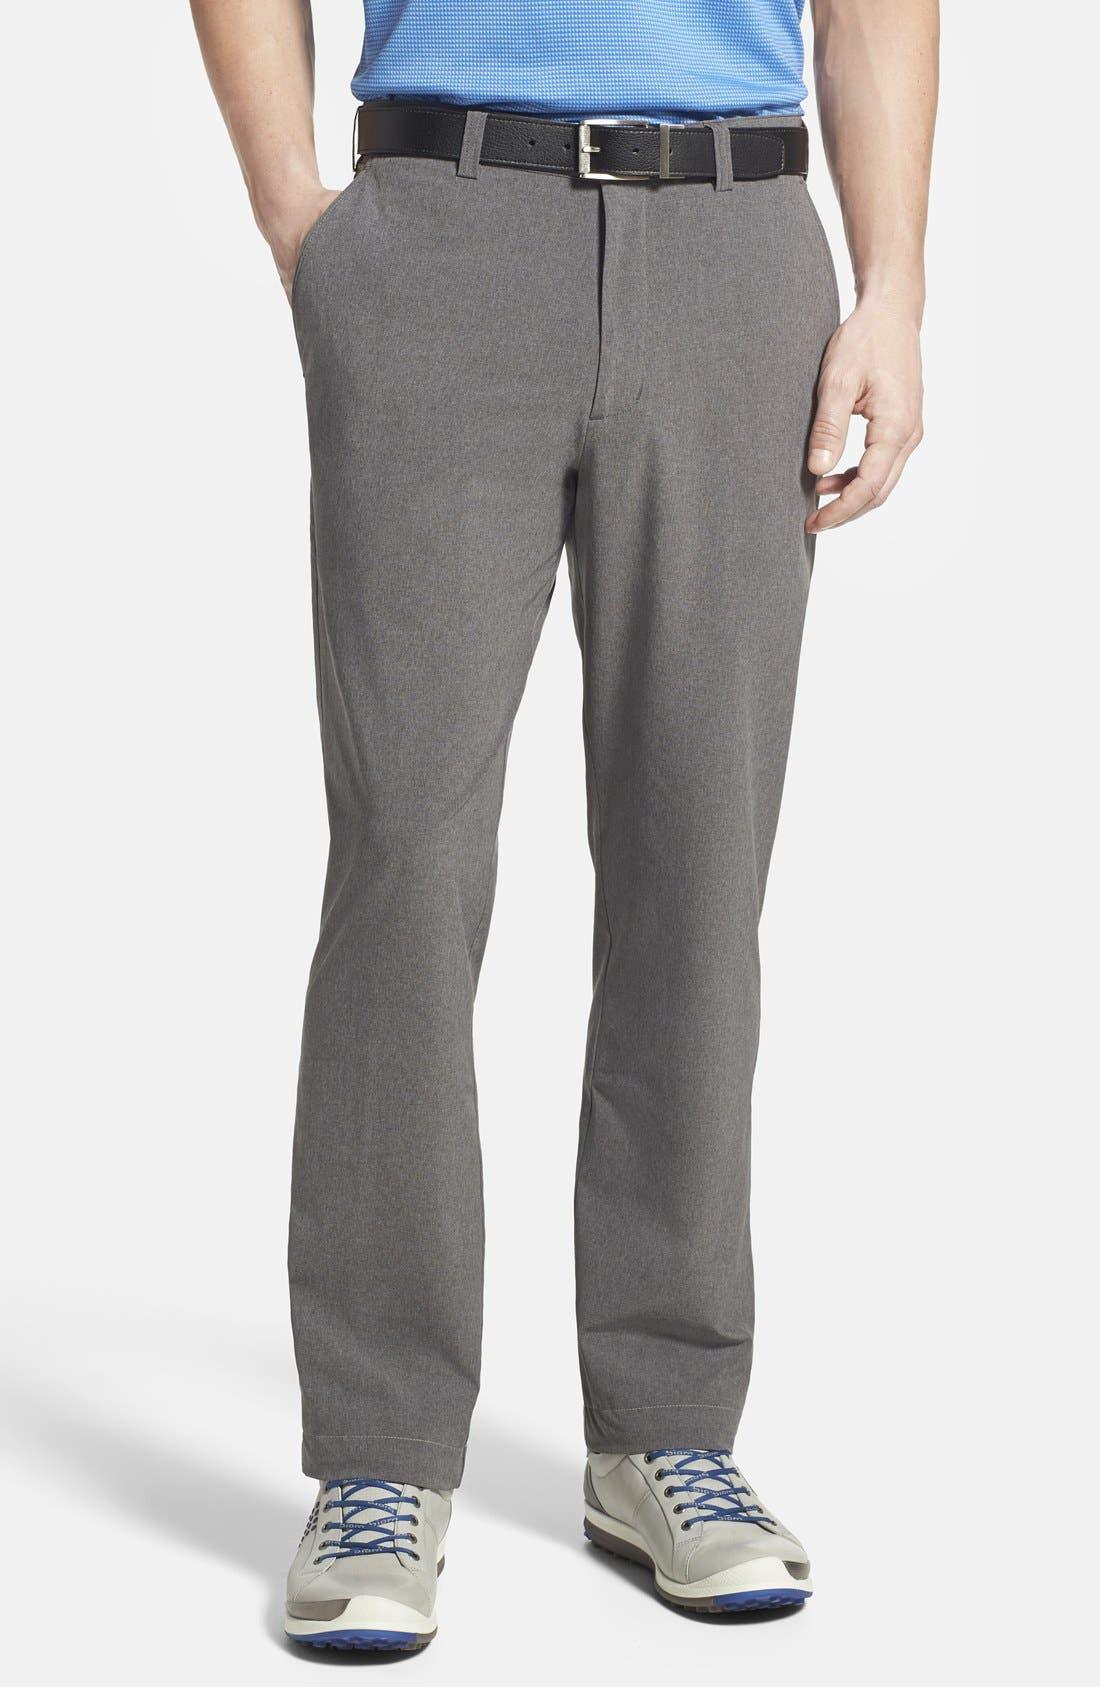 Men's Cutter & Buck Bainbridge Drytec Flat Front Straight Leg Pants